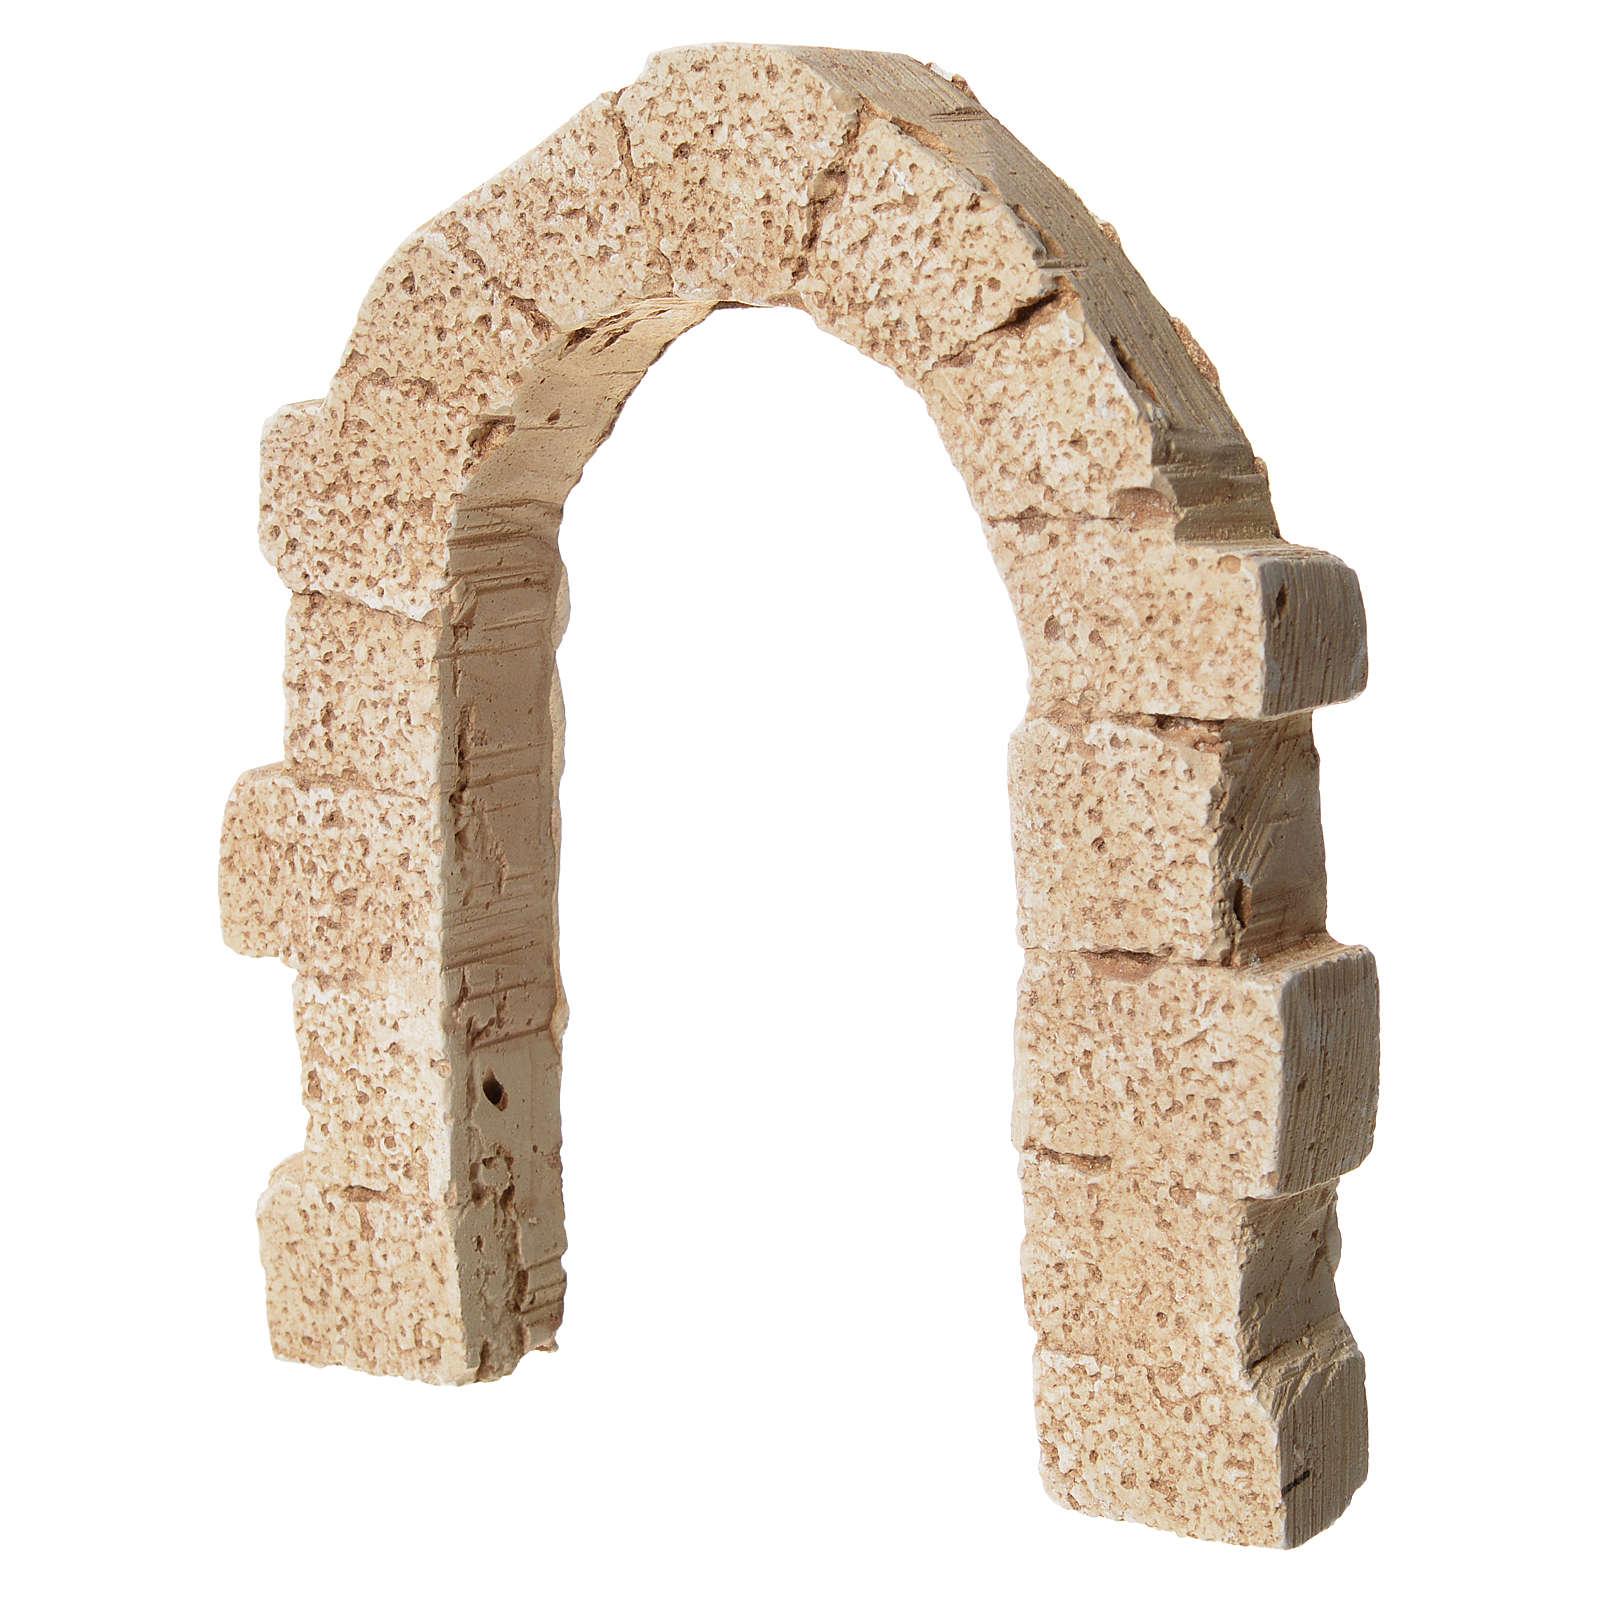 Łuk drzwiowy z gipsu do szopki 11x10 cm 4